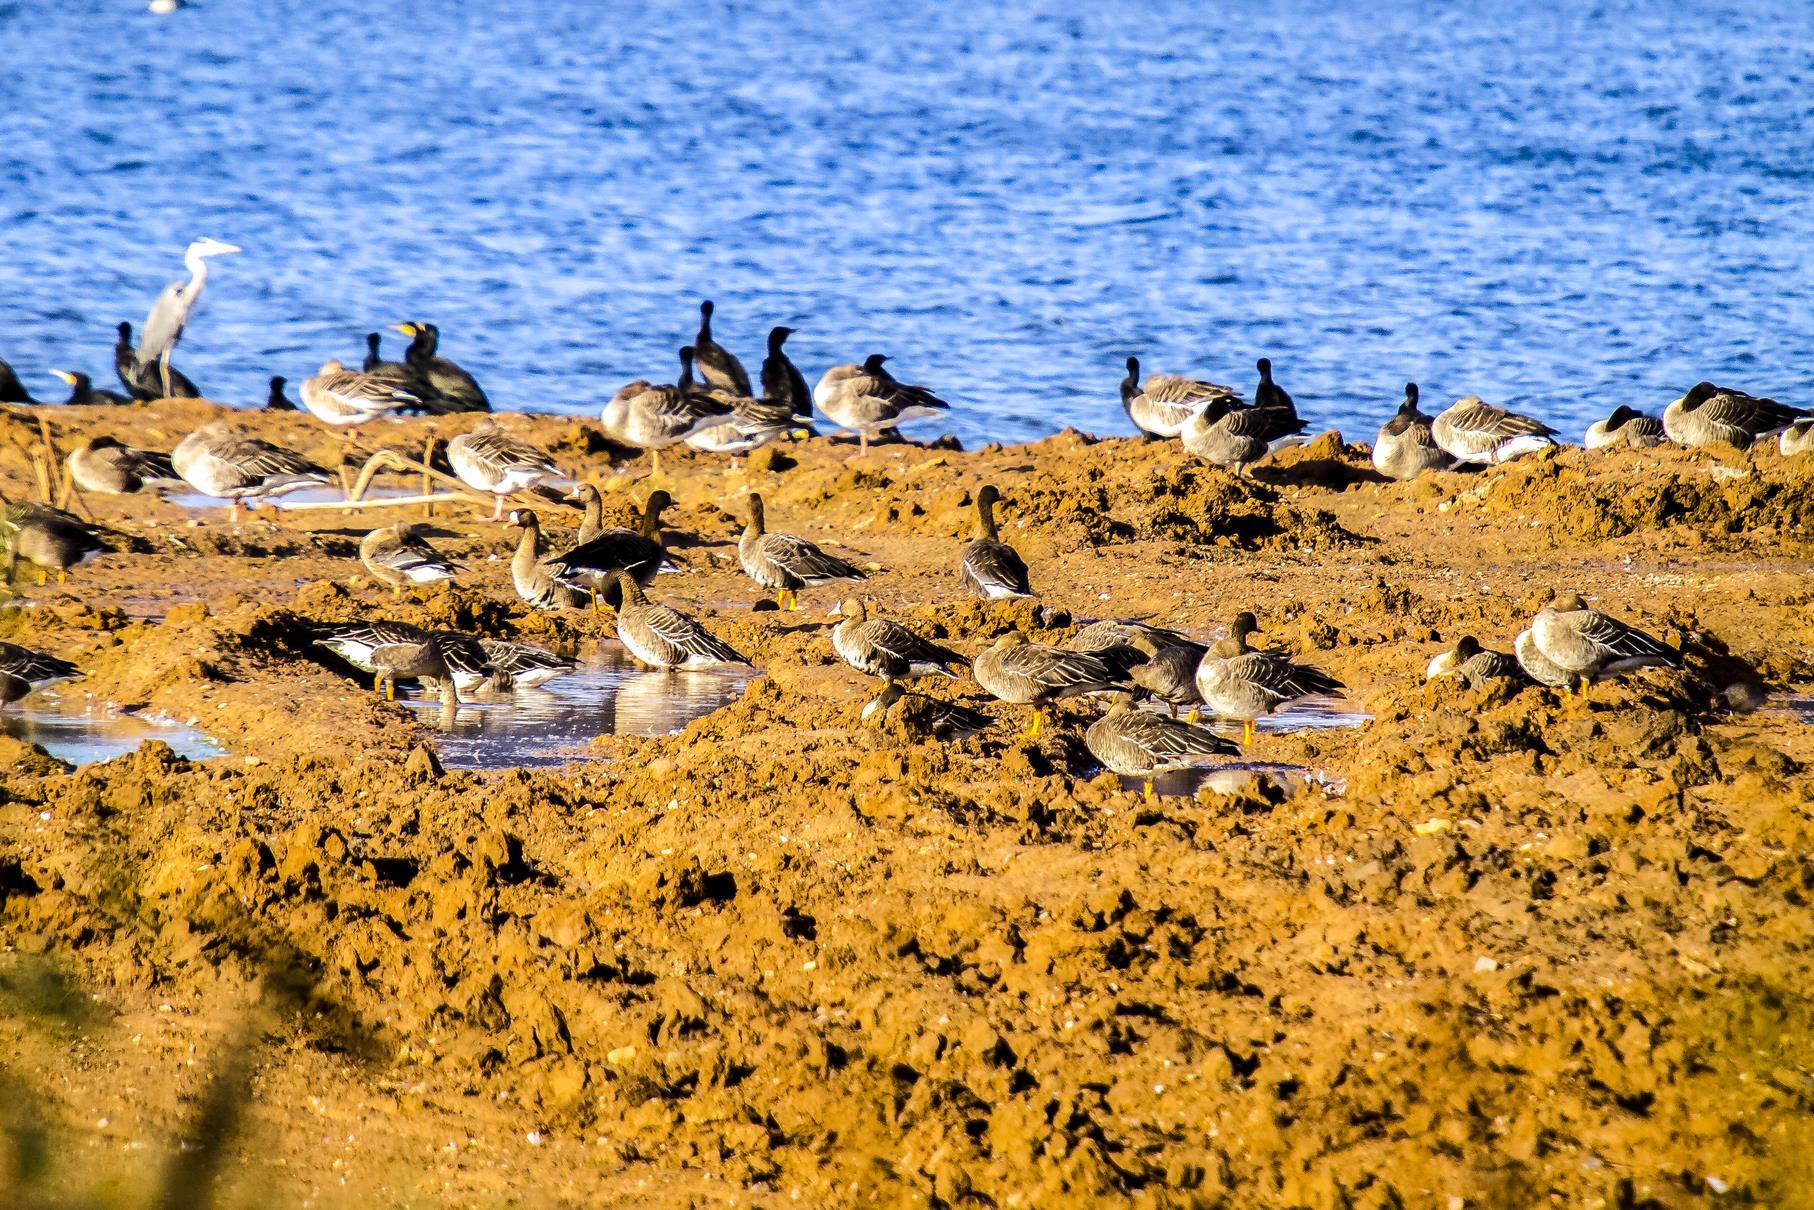 Bläss- und Graugänse sowie Graureiher und Kormorane tummeln sich auf der frisch abgeschobenen flachen Insel.